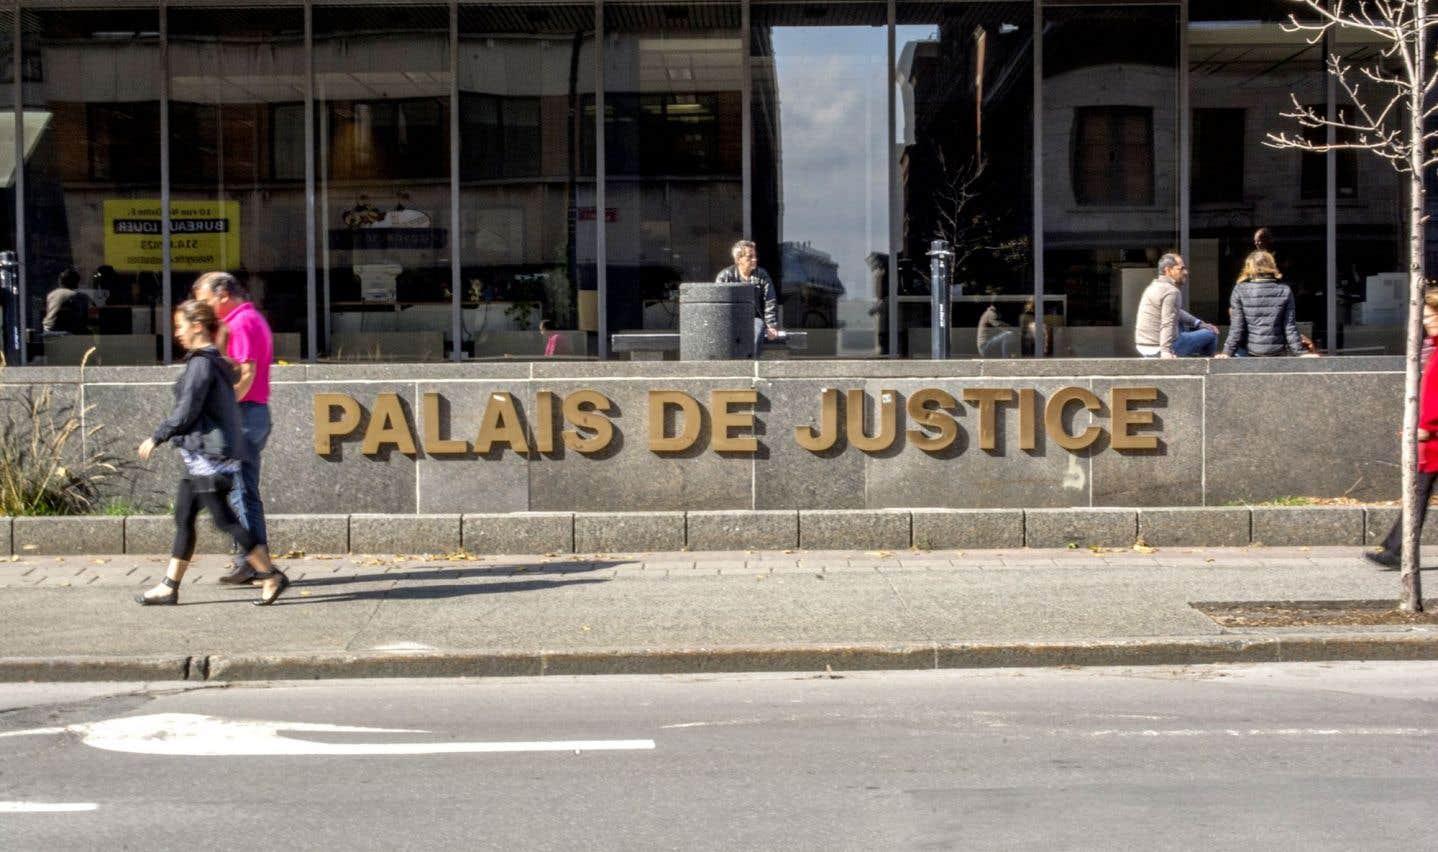 Le procès d'Ismaël Habib s'est ouvert